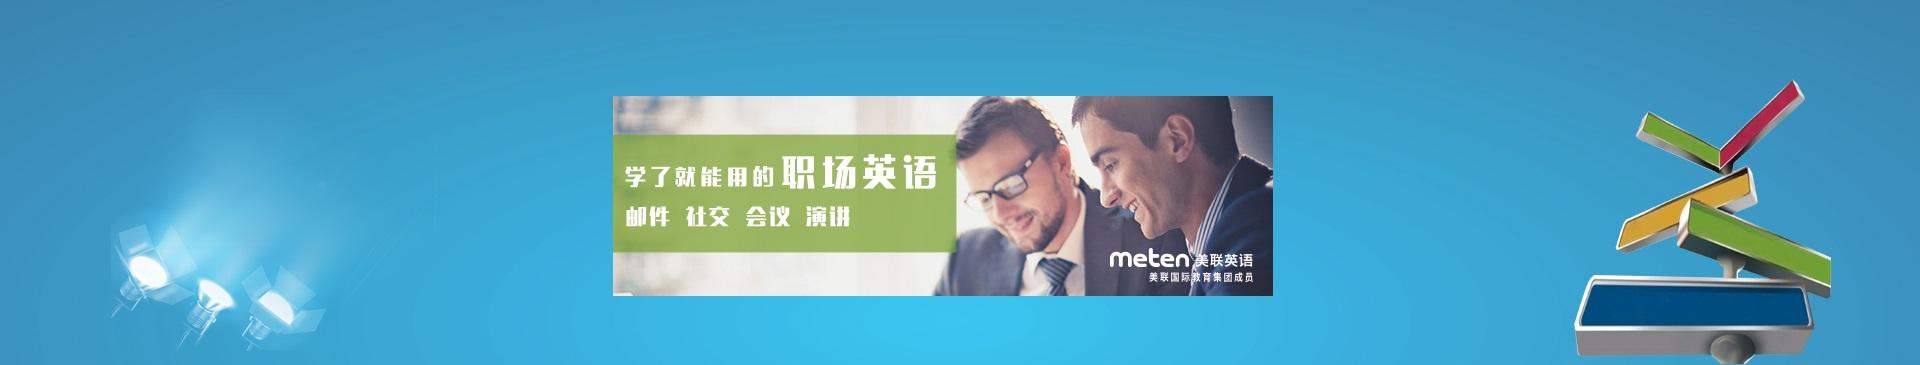 北京海淀区中关村美联英语培训